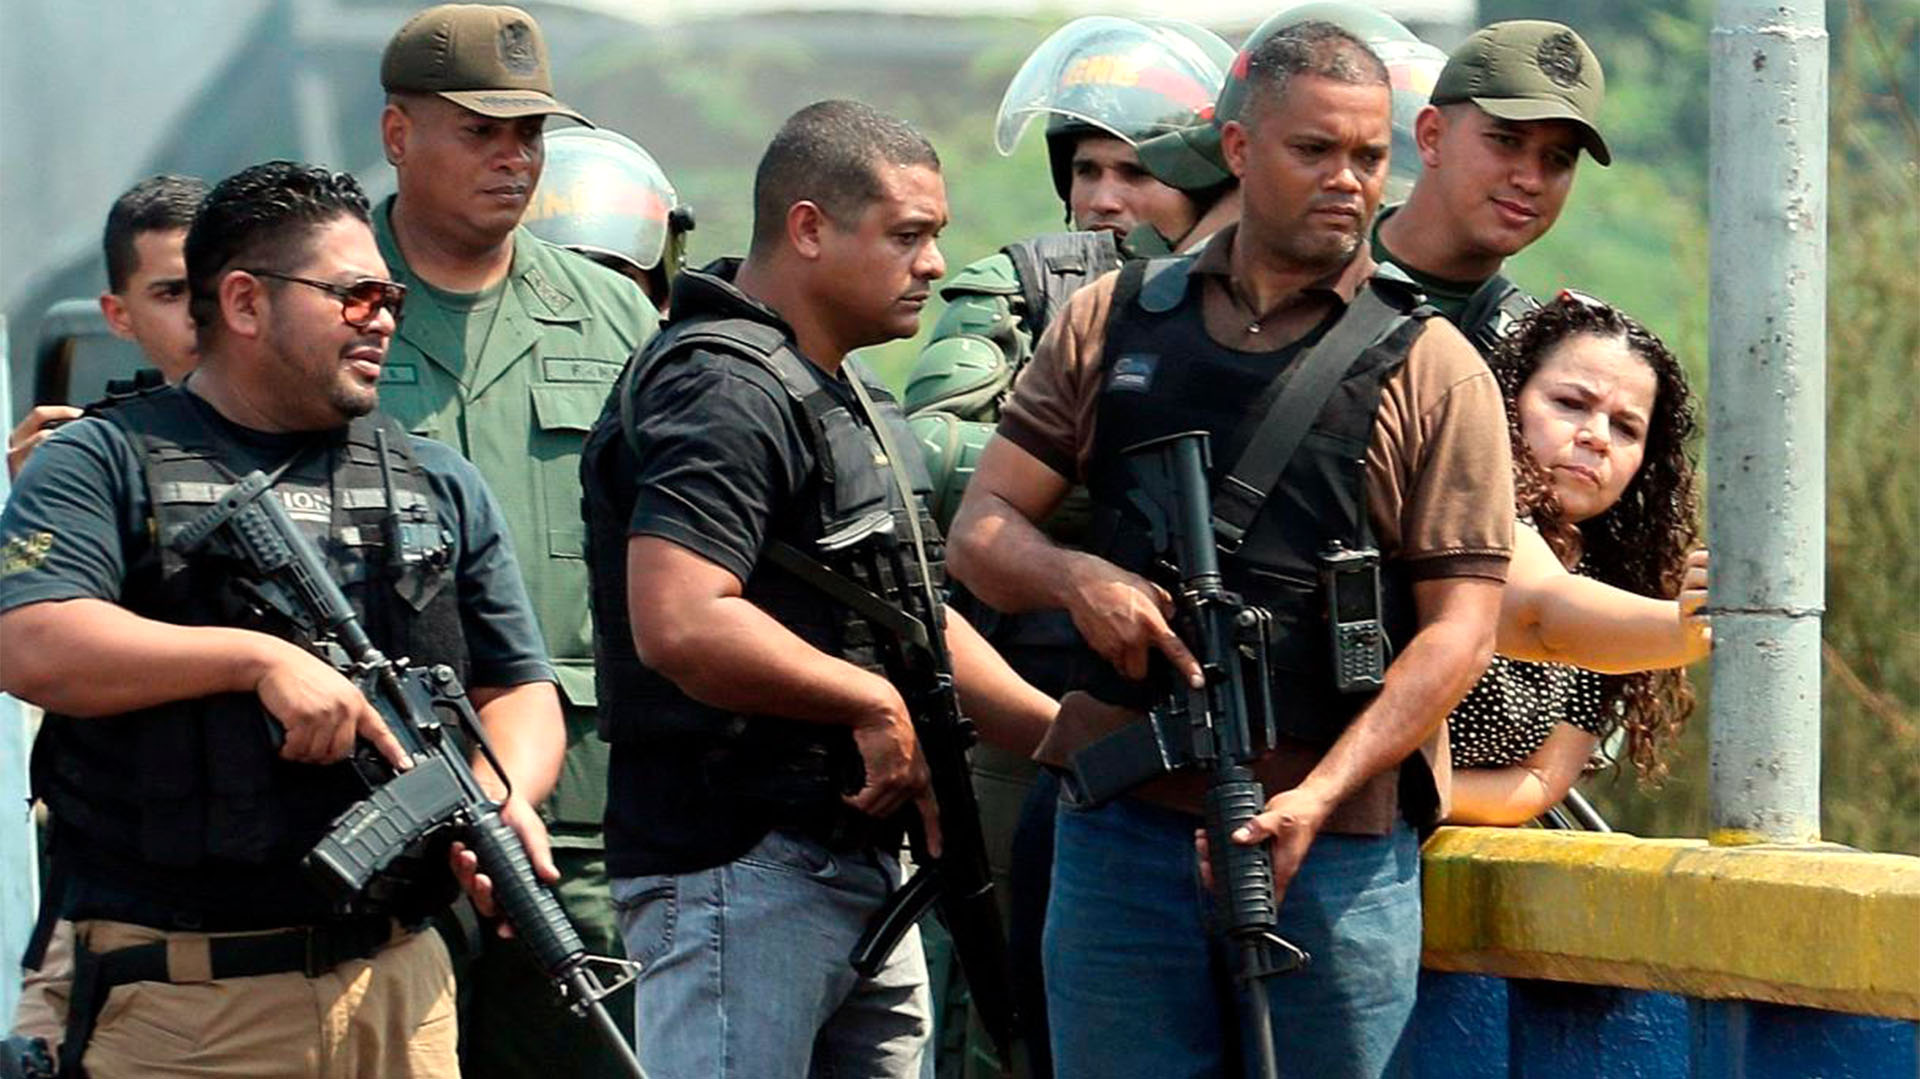 Iris Varela, ministra del servicio Penitenciario de Venezuela, rodeada de un grupo de civiles armados